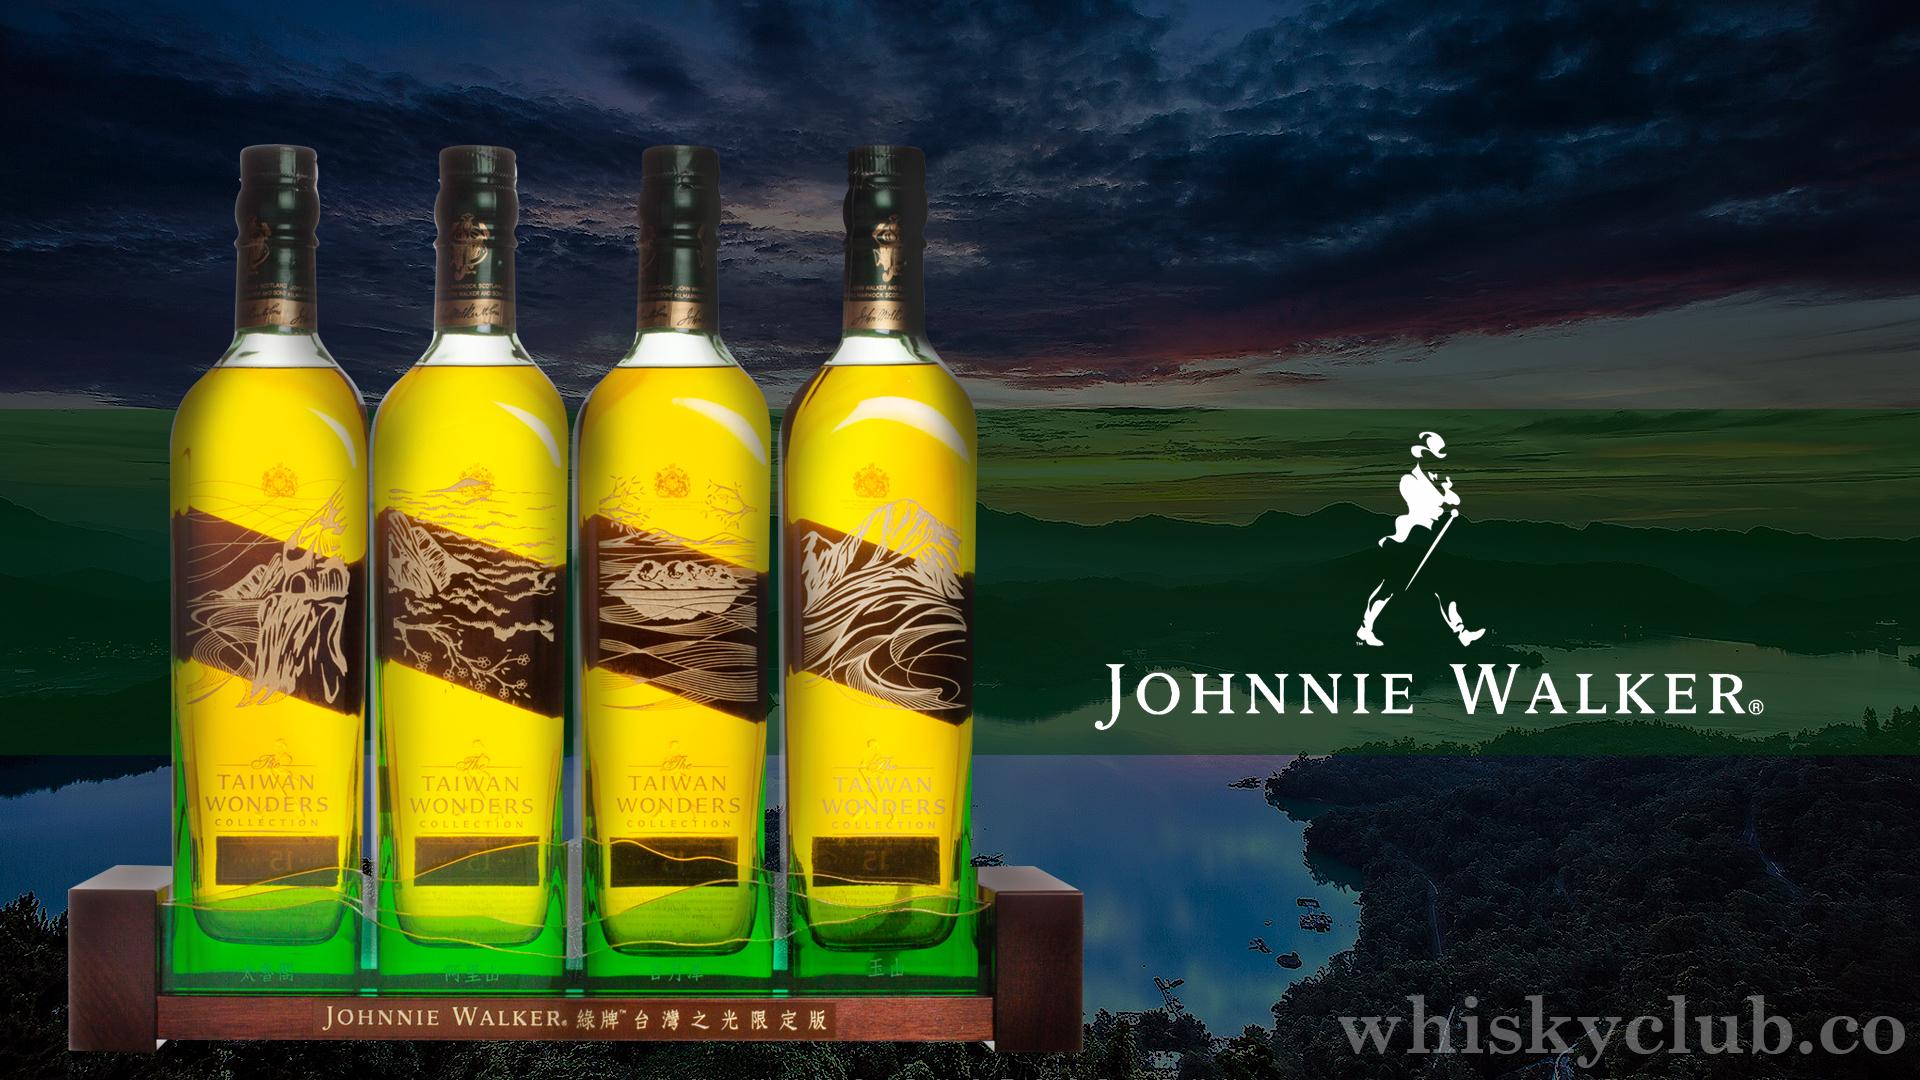 Johnnie walker 2